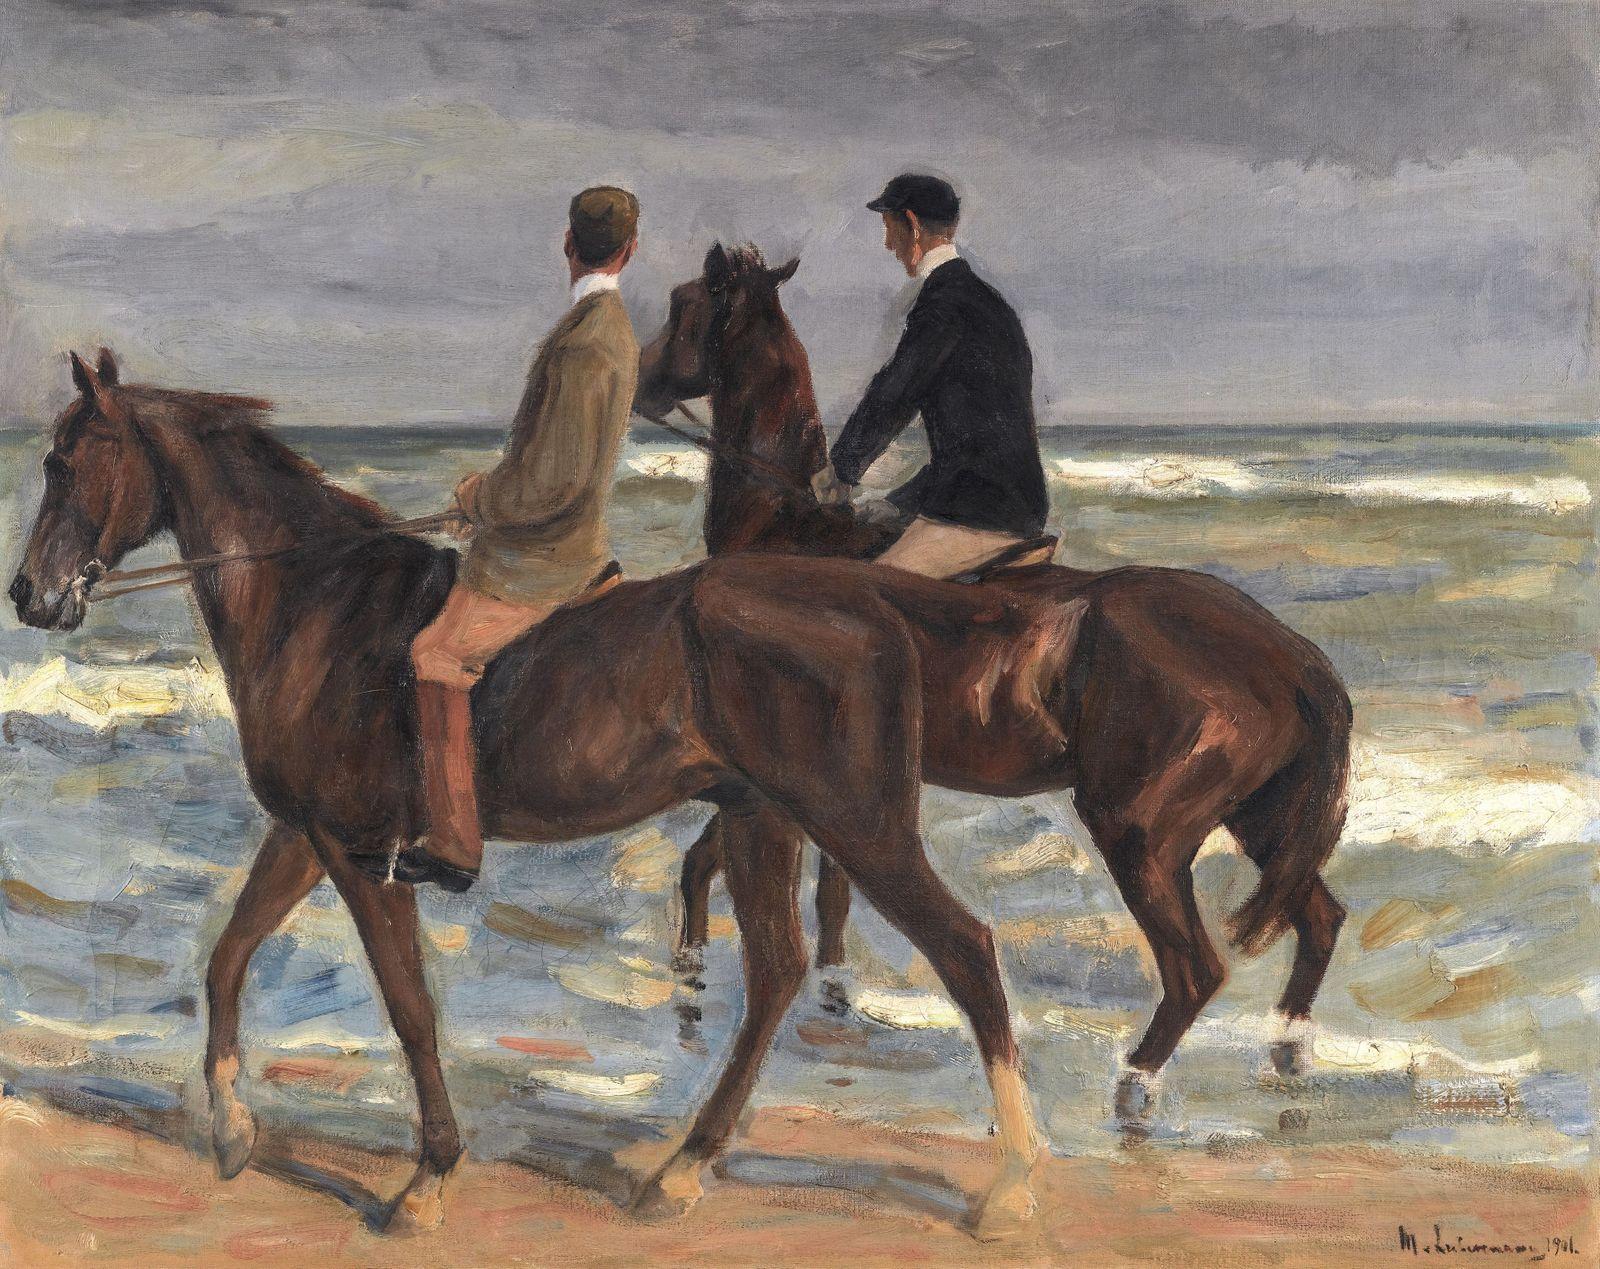 Gemälde «Zwei Reiter am Strand» von Max Liebermann versteigert